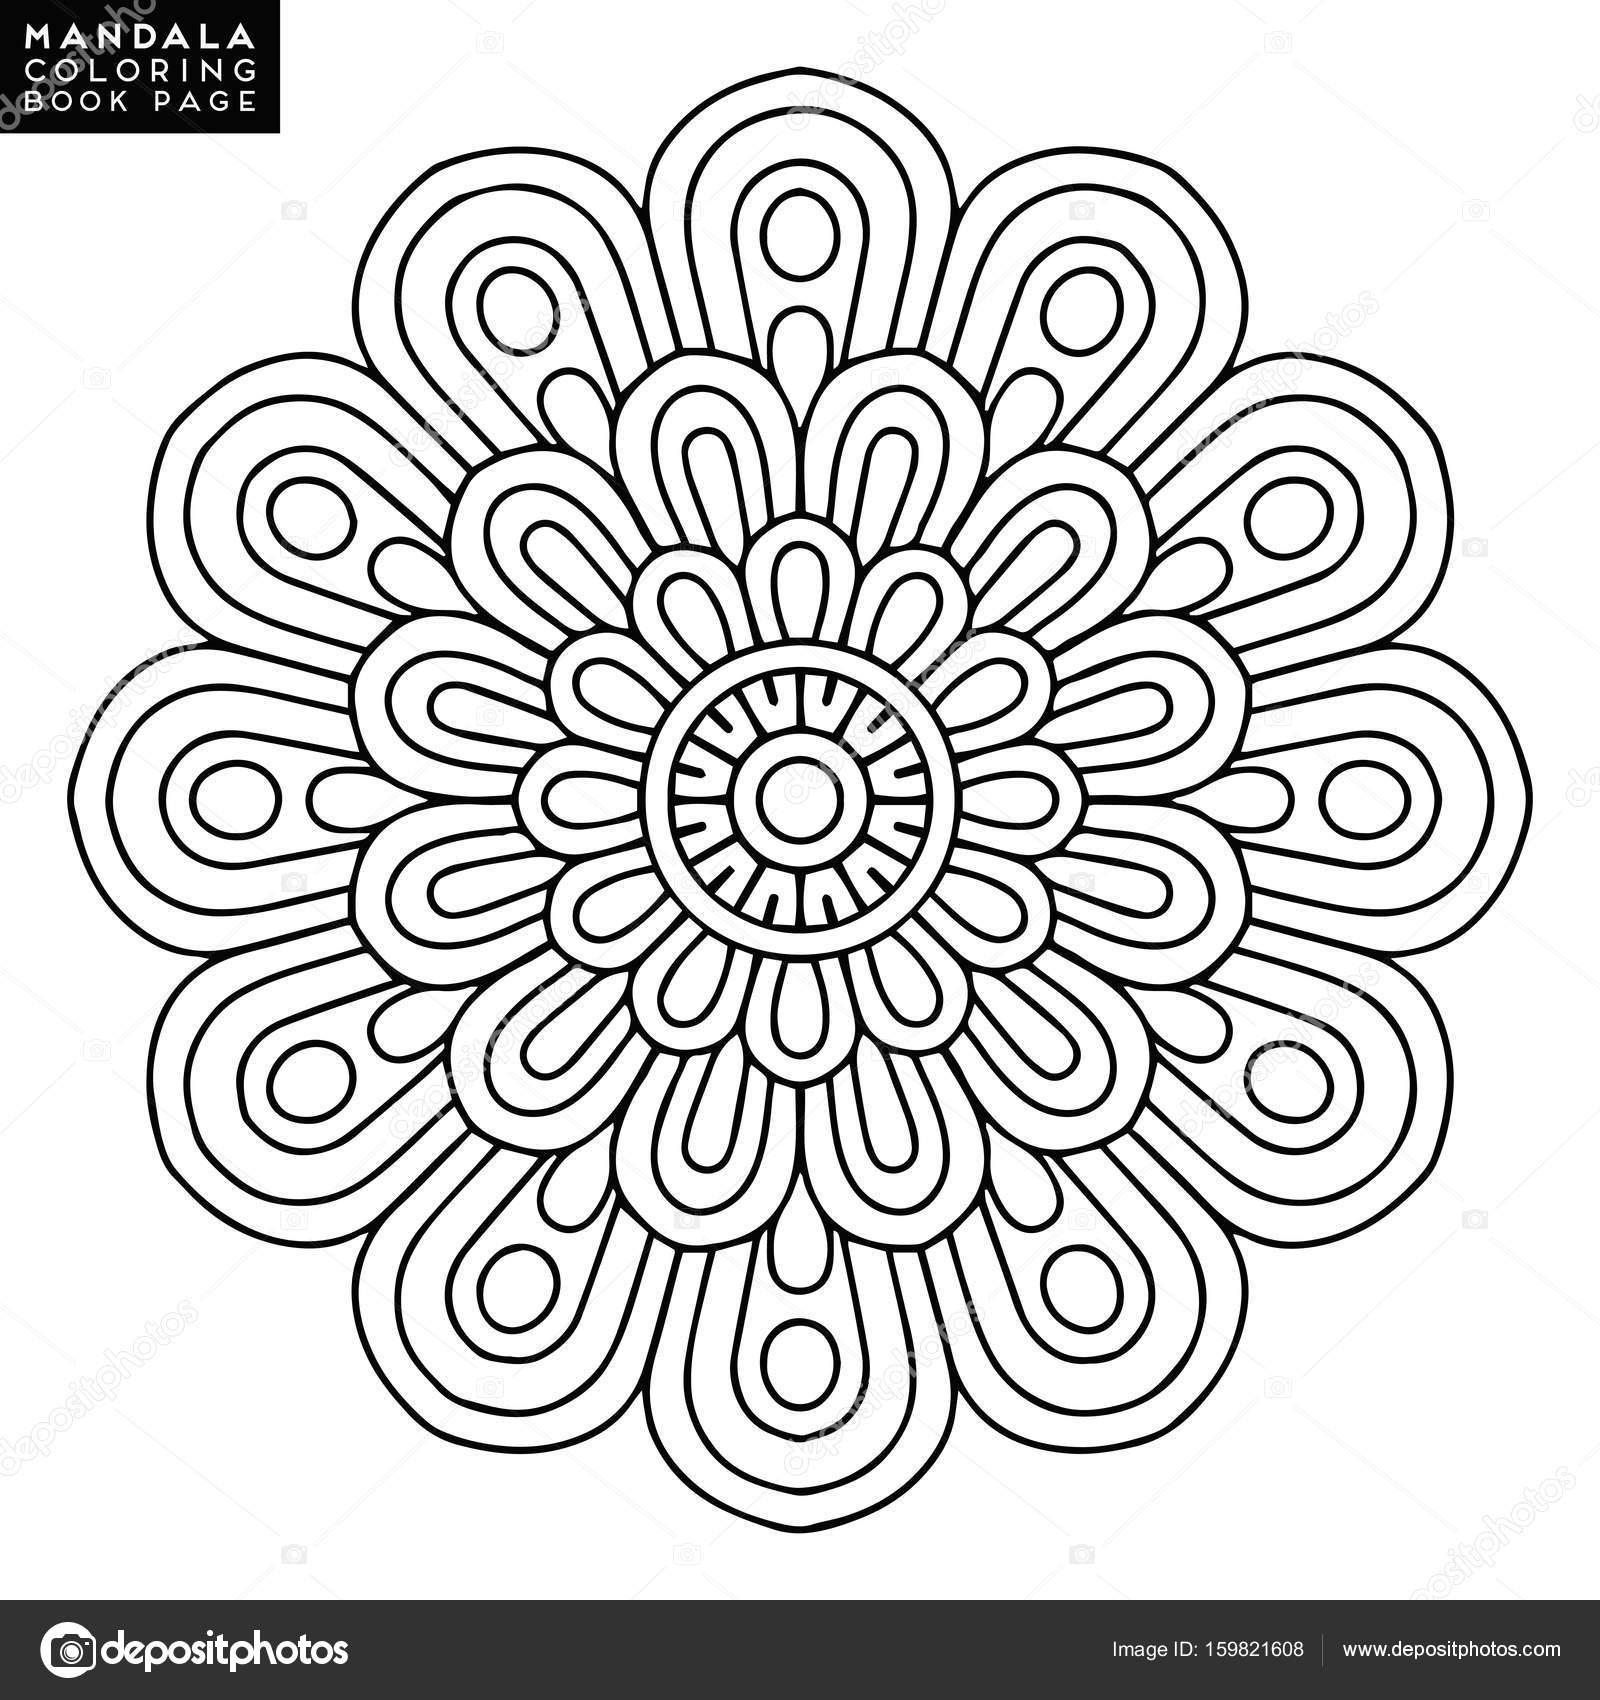 çiçek Mandala Vintage Dekoratif öğeler Oryantal Desen Vektör çizim